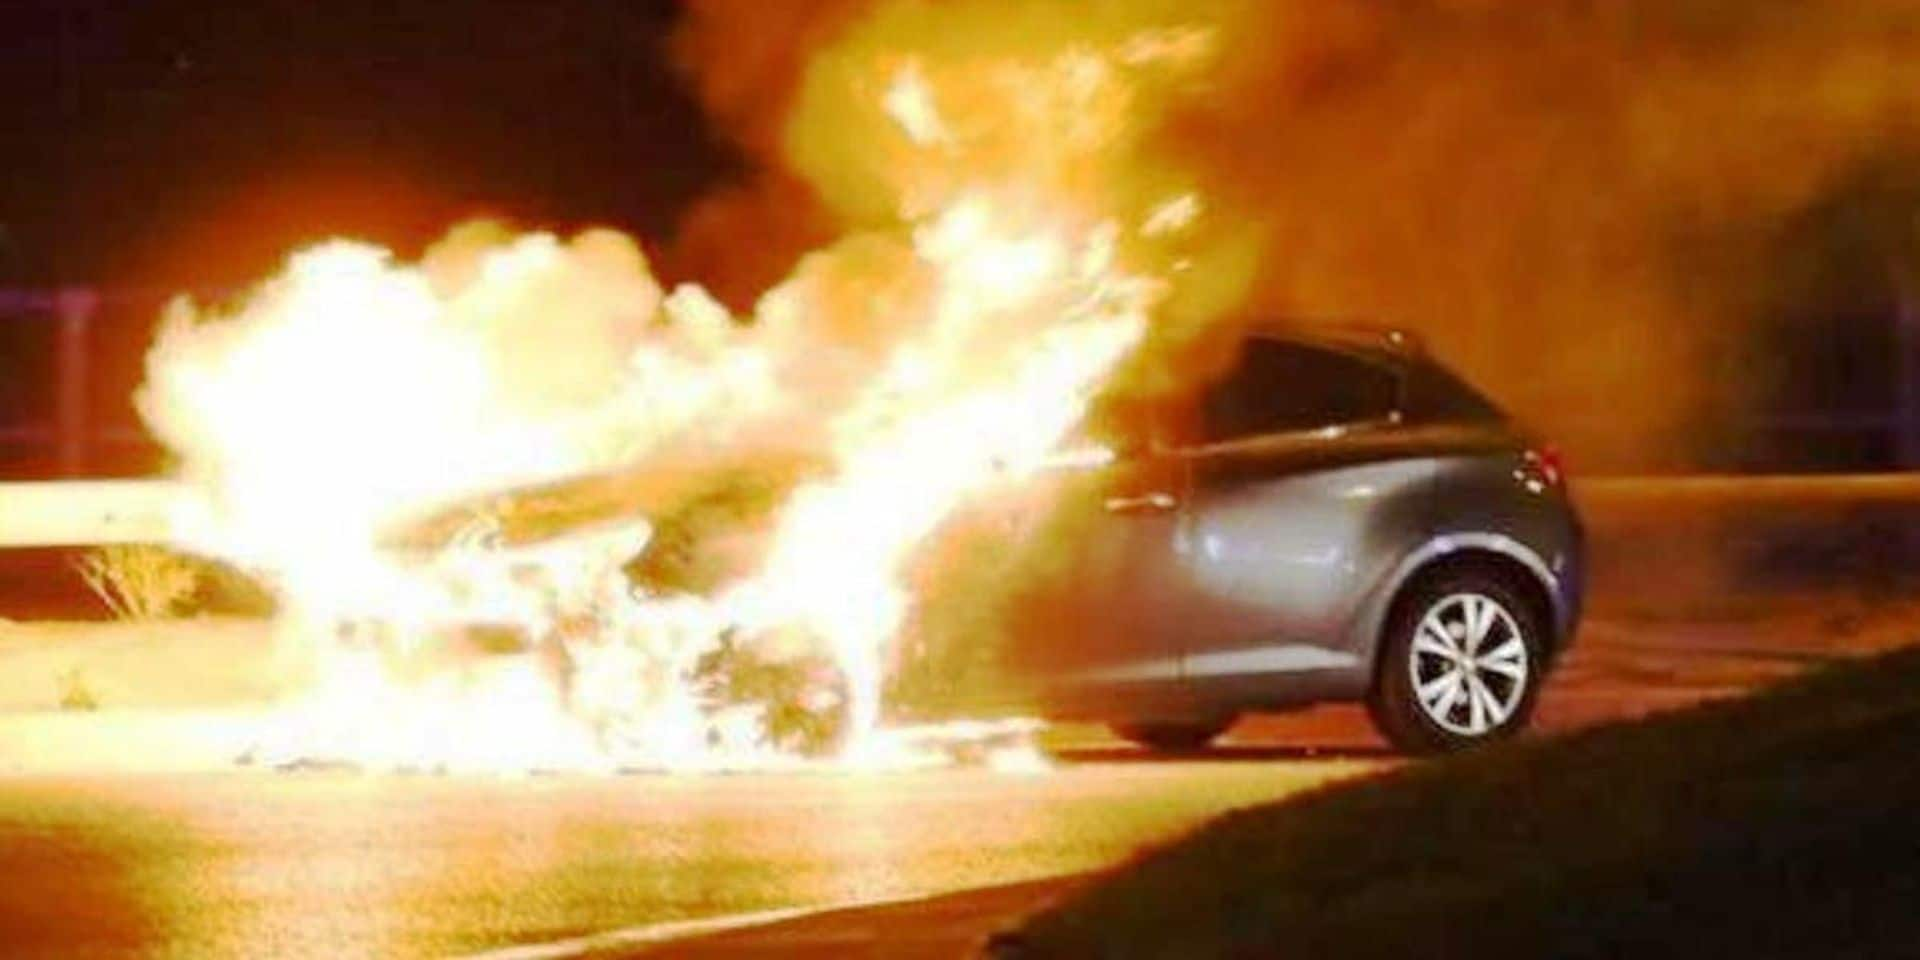 Accident grave à Goronne (Vielsalm) : deux personnes grièvement blessées